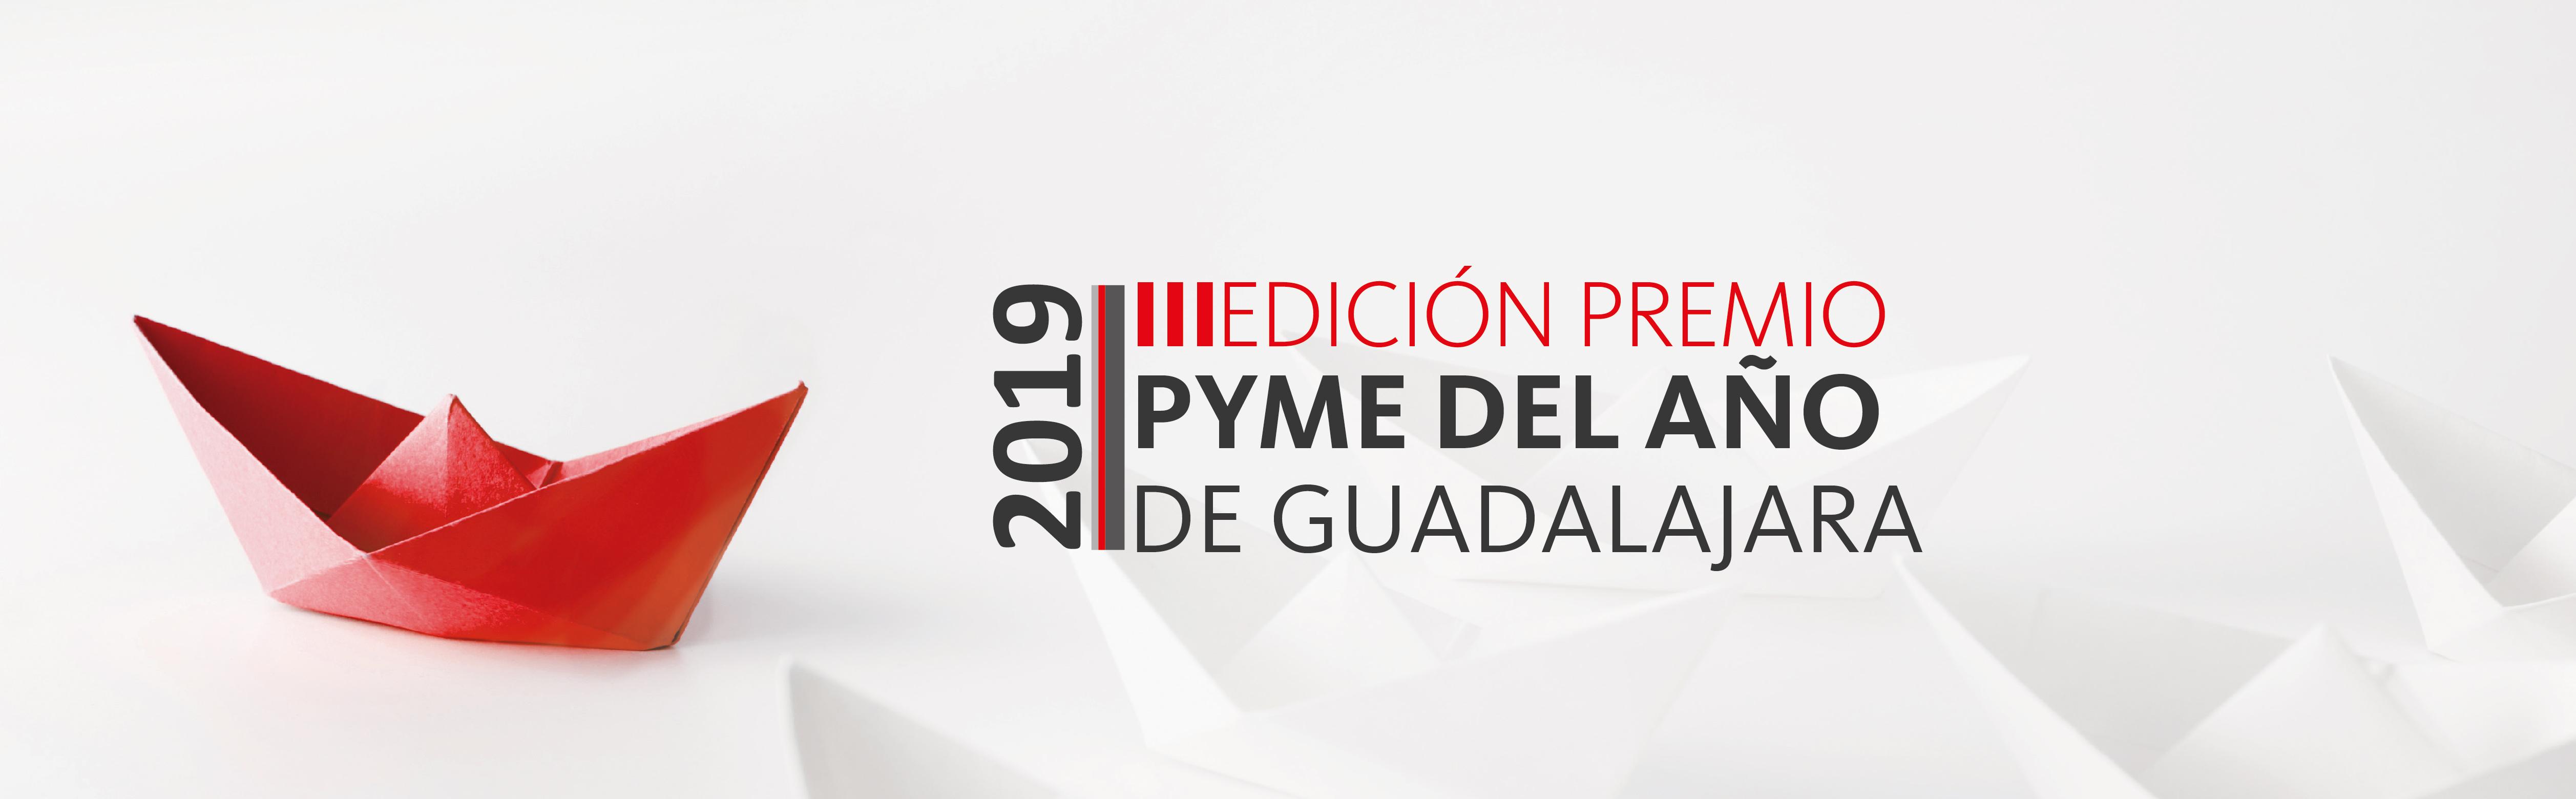 Pyme 2019 guadalajara